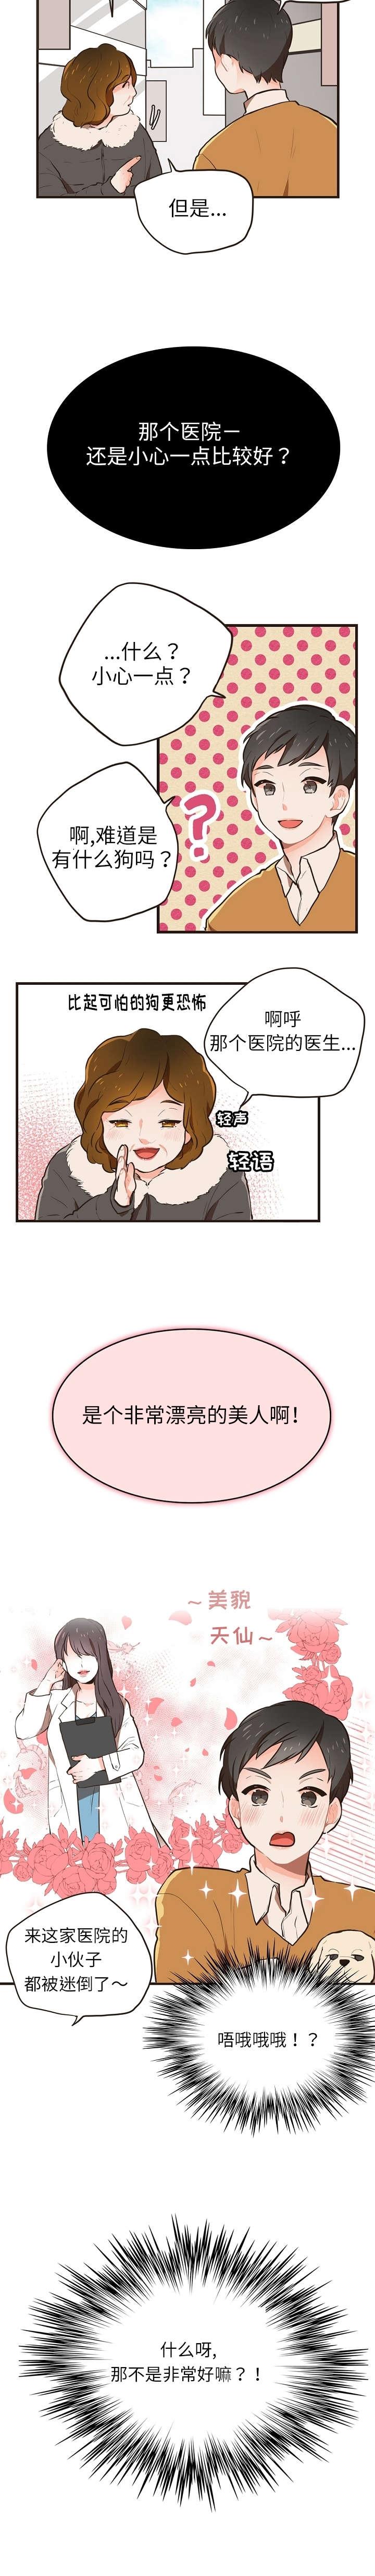 汪汪喵喵-漫画下拉式在线阅读_最新连载更新至25话-啵乐漫画